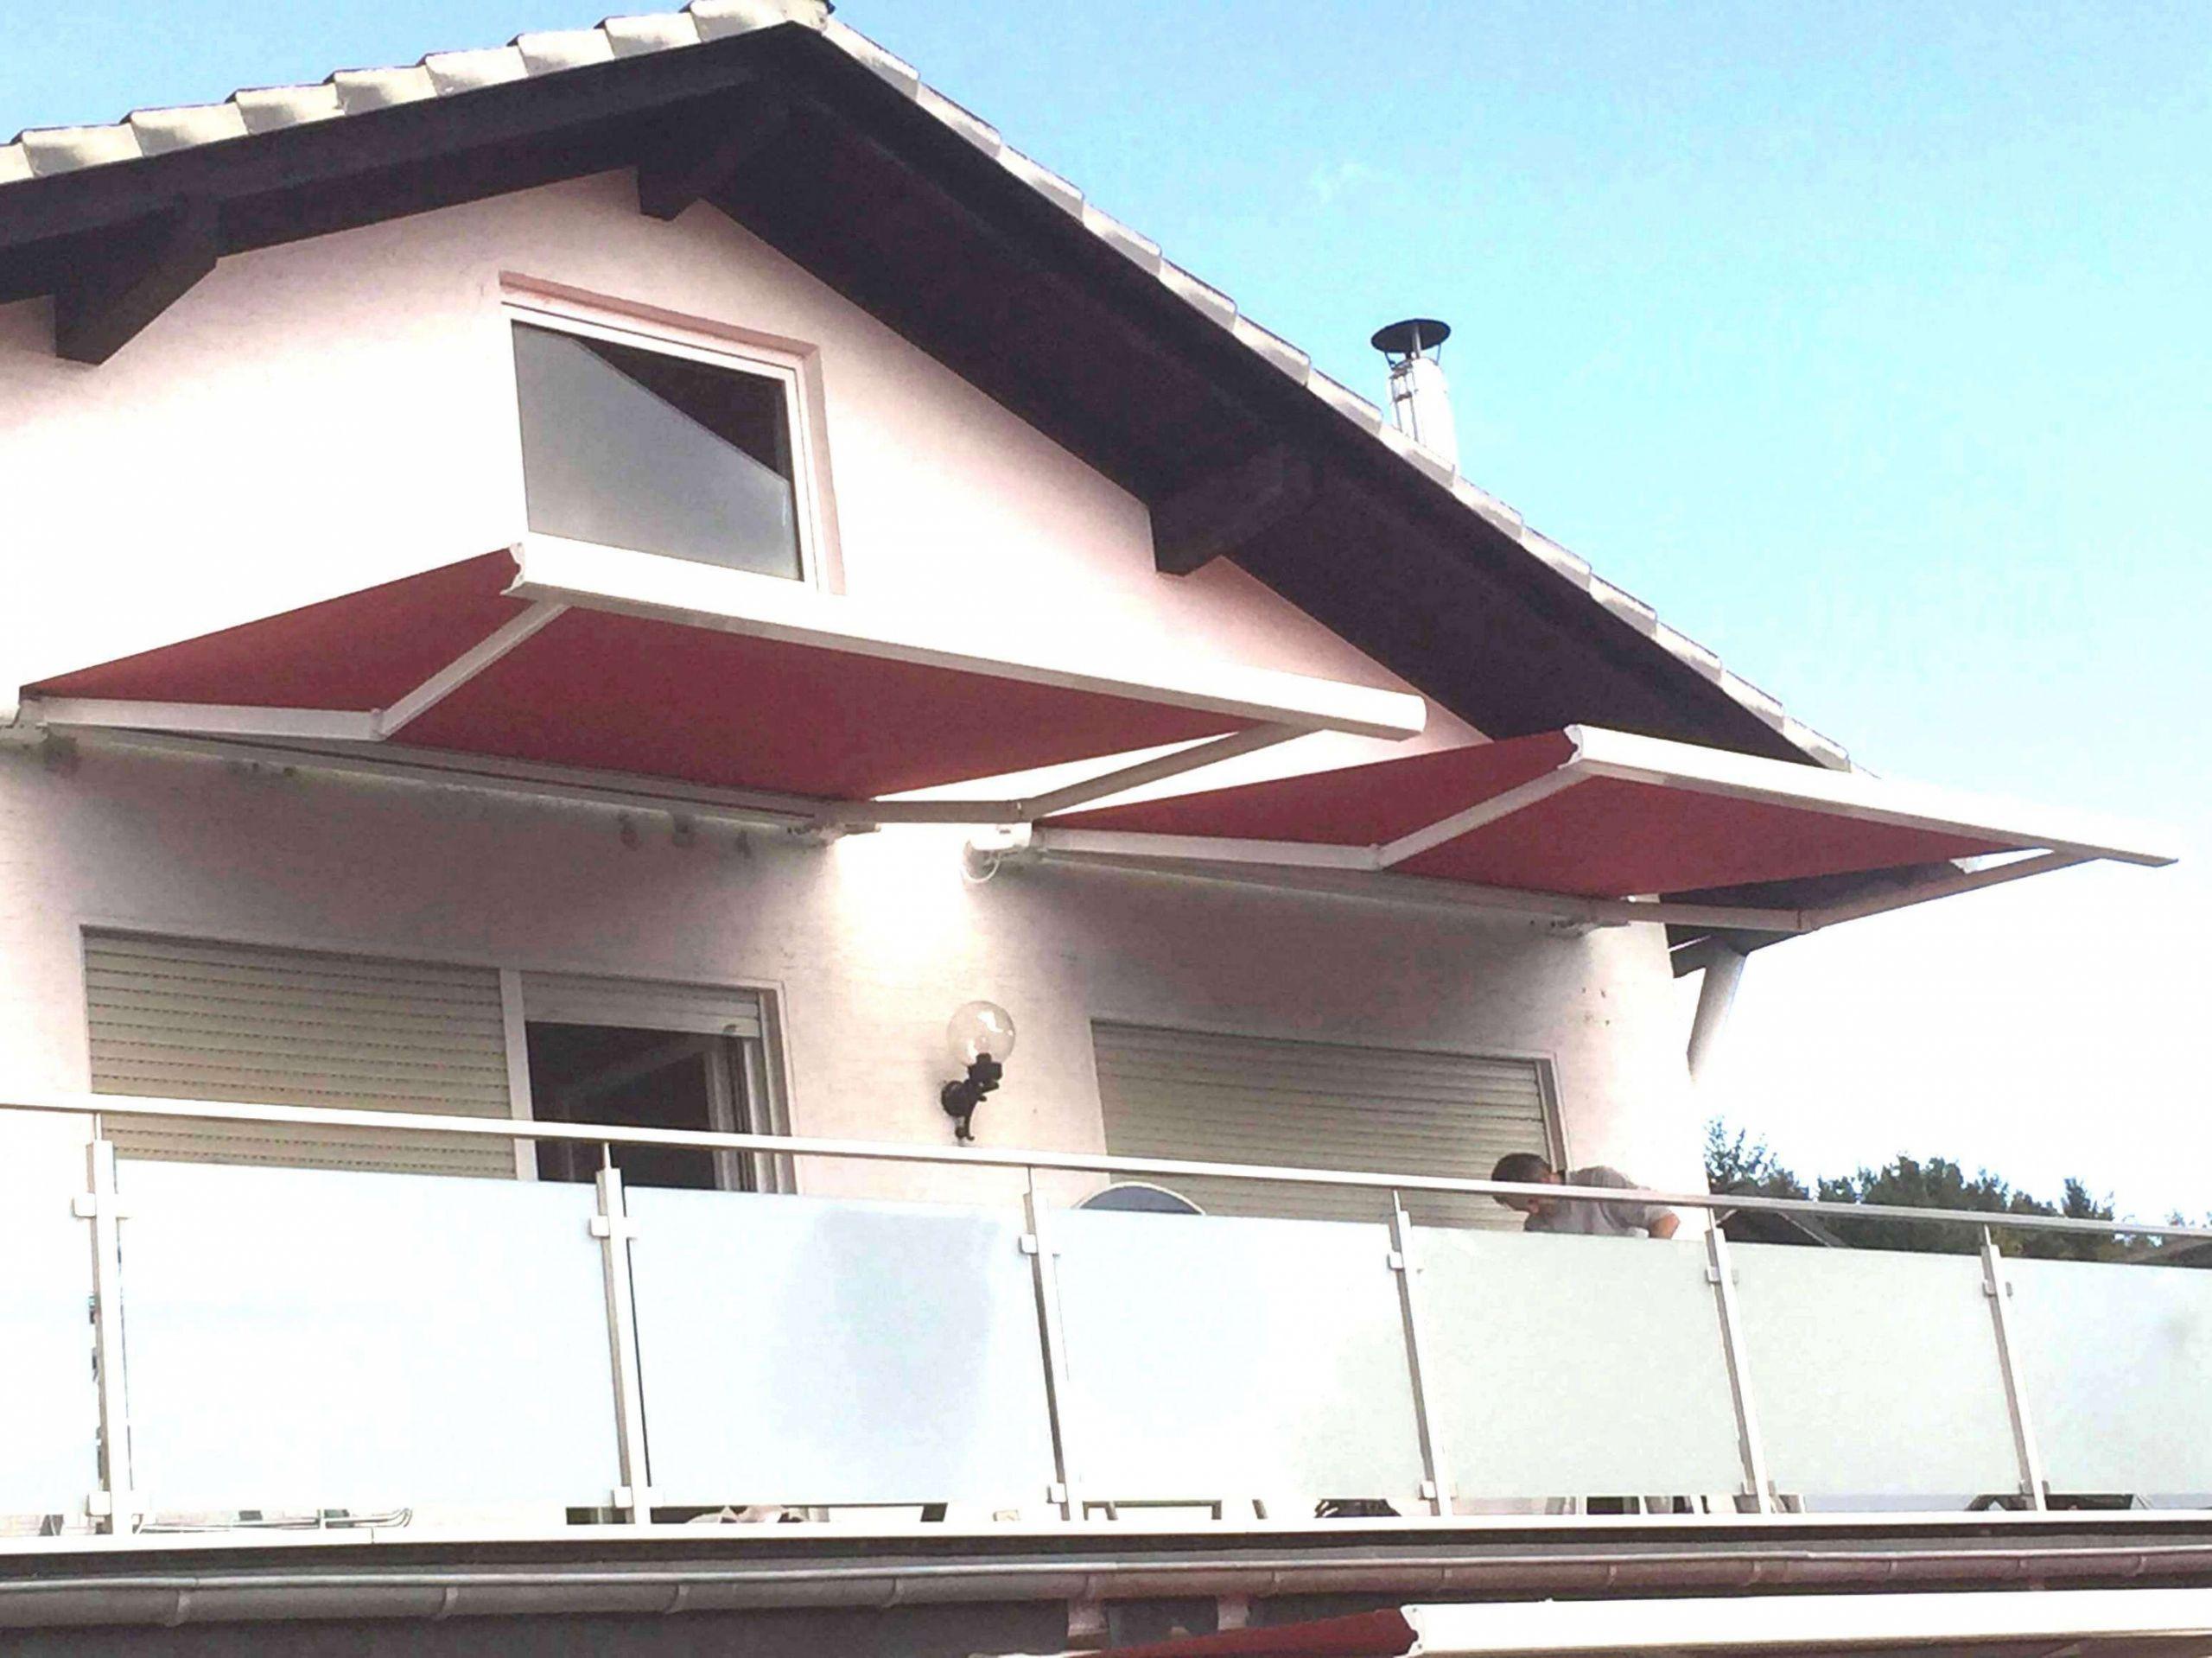 37 schon fur balkon sichtschutz galerie sichtschutz fur bodentiefe fenster sichtschutz fur bodentiefe fenster